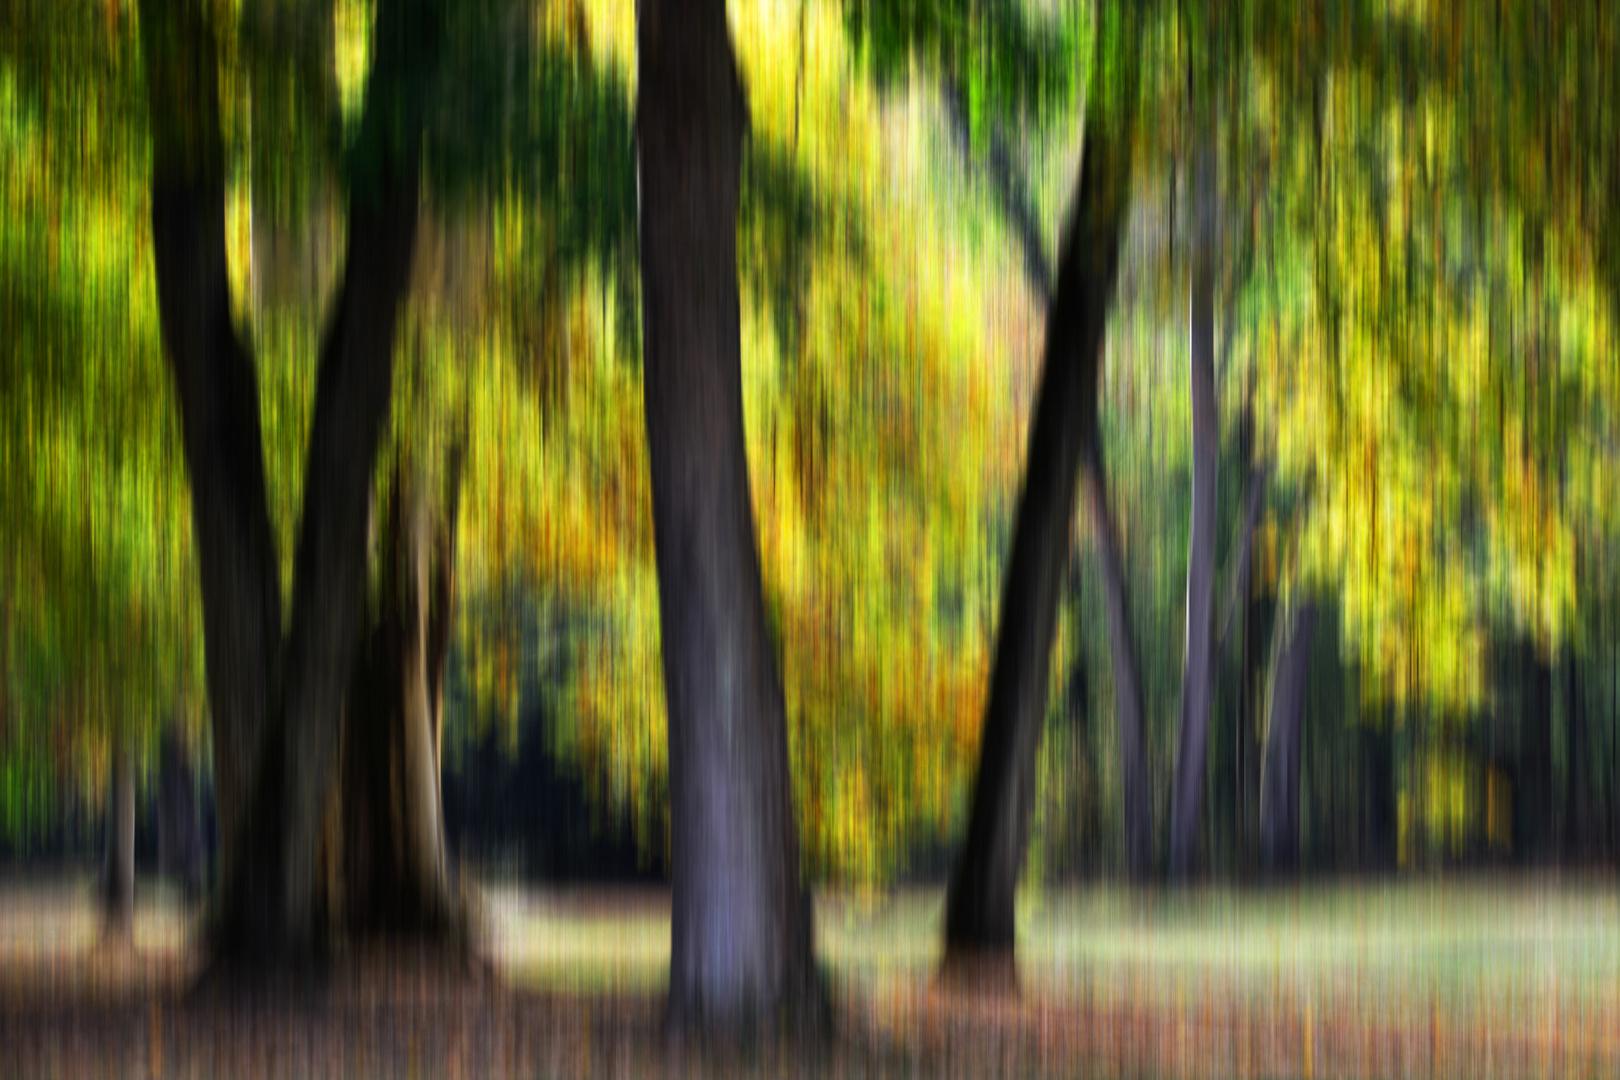 Herbstlicht # 0106